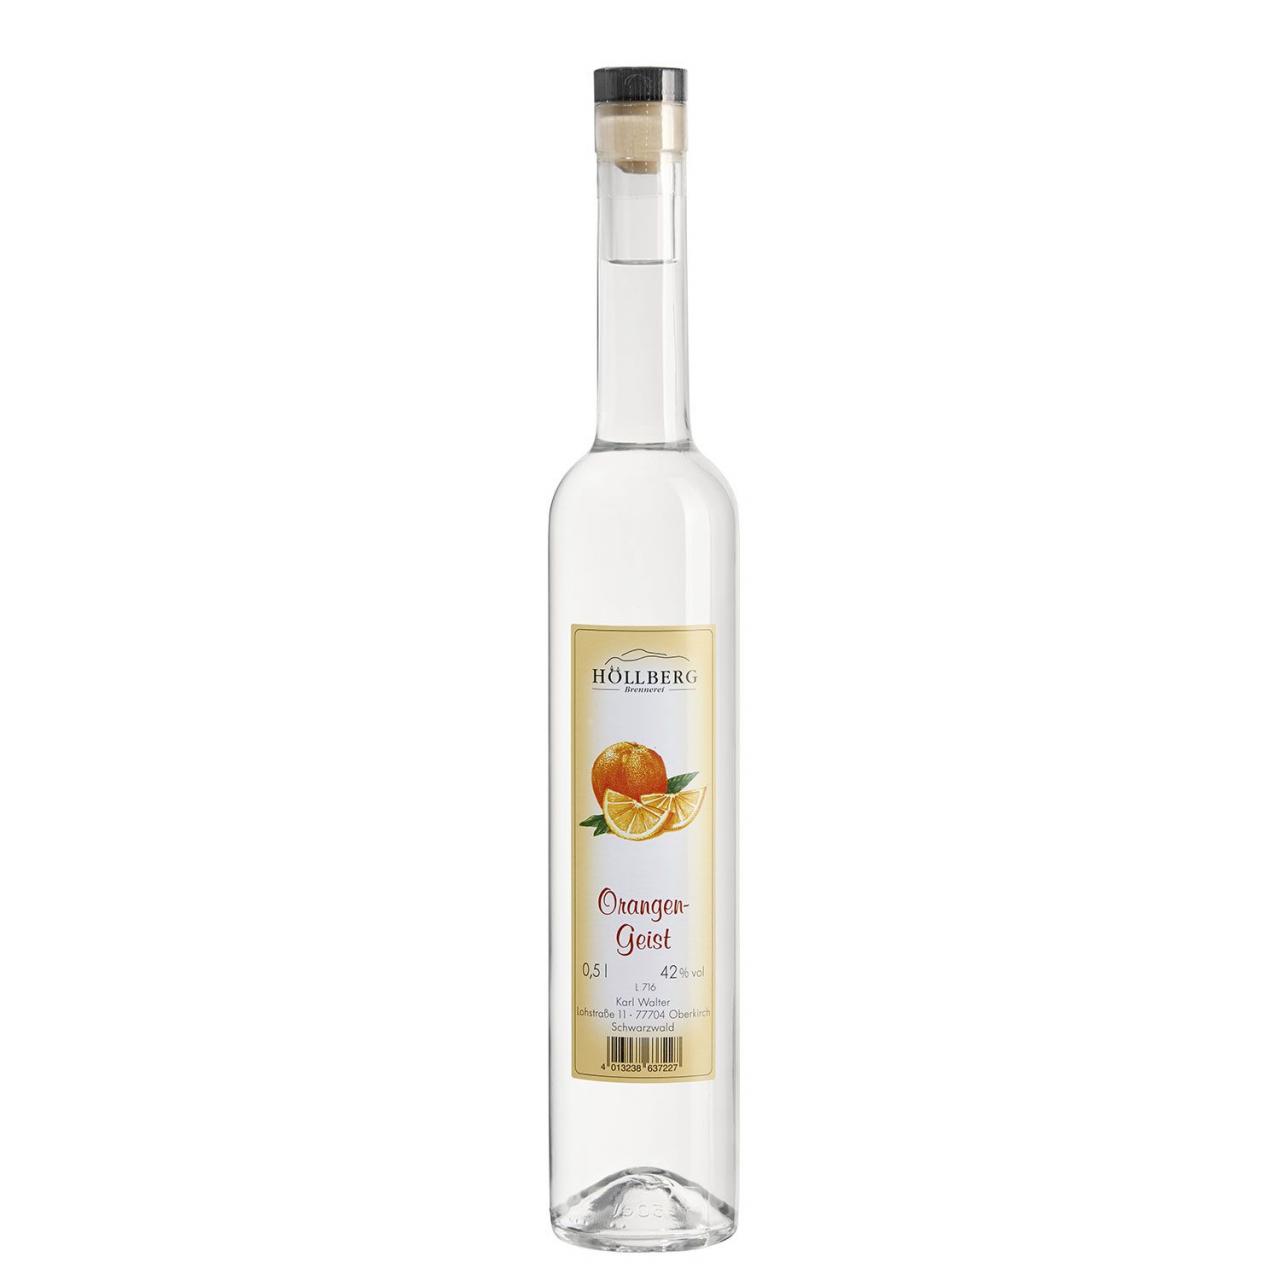 0,5 Liter Flasche prämierter Hoellberg Orangengeist